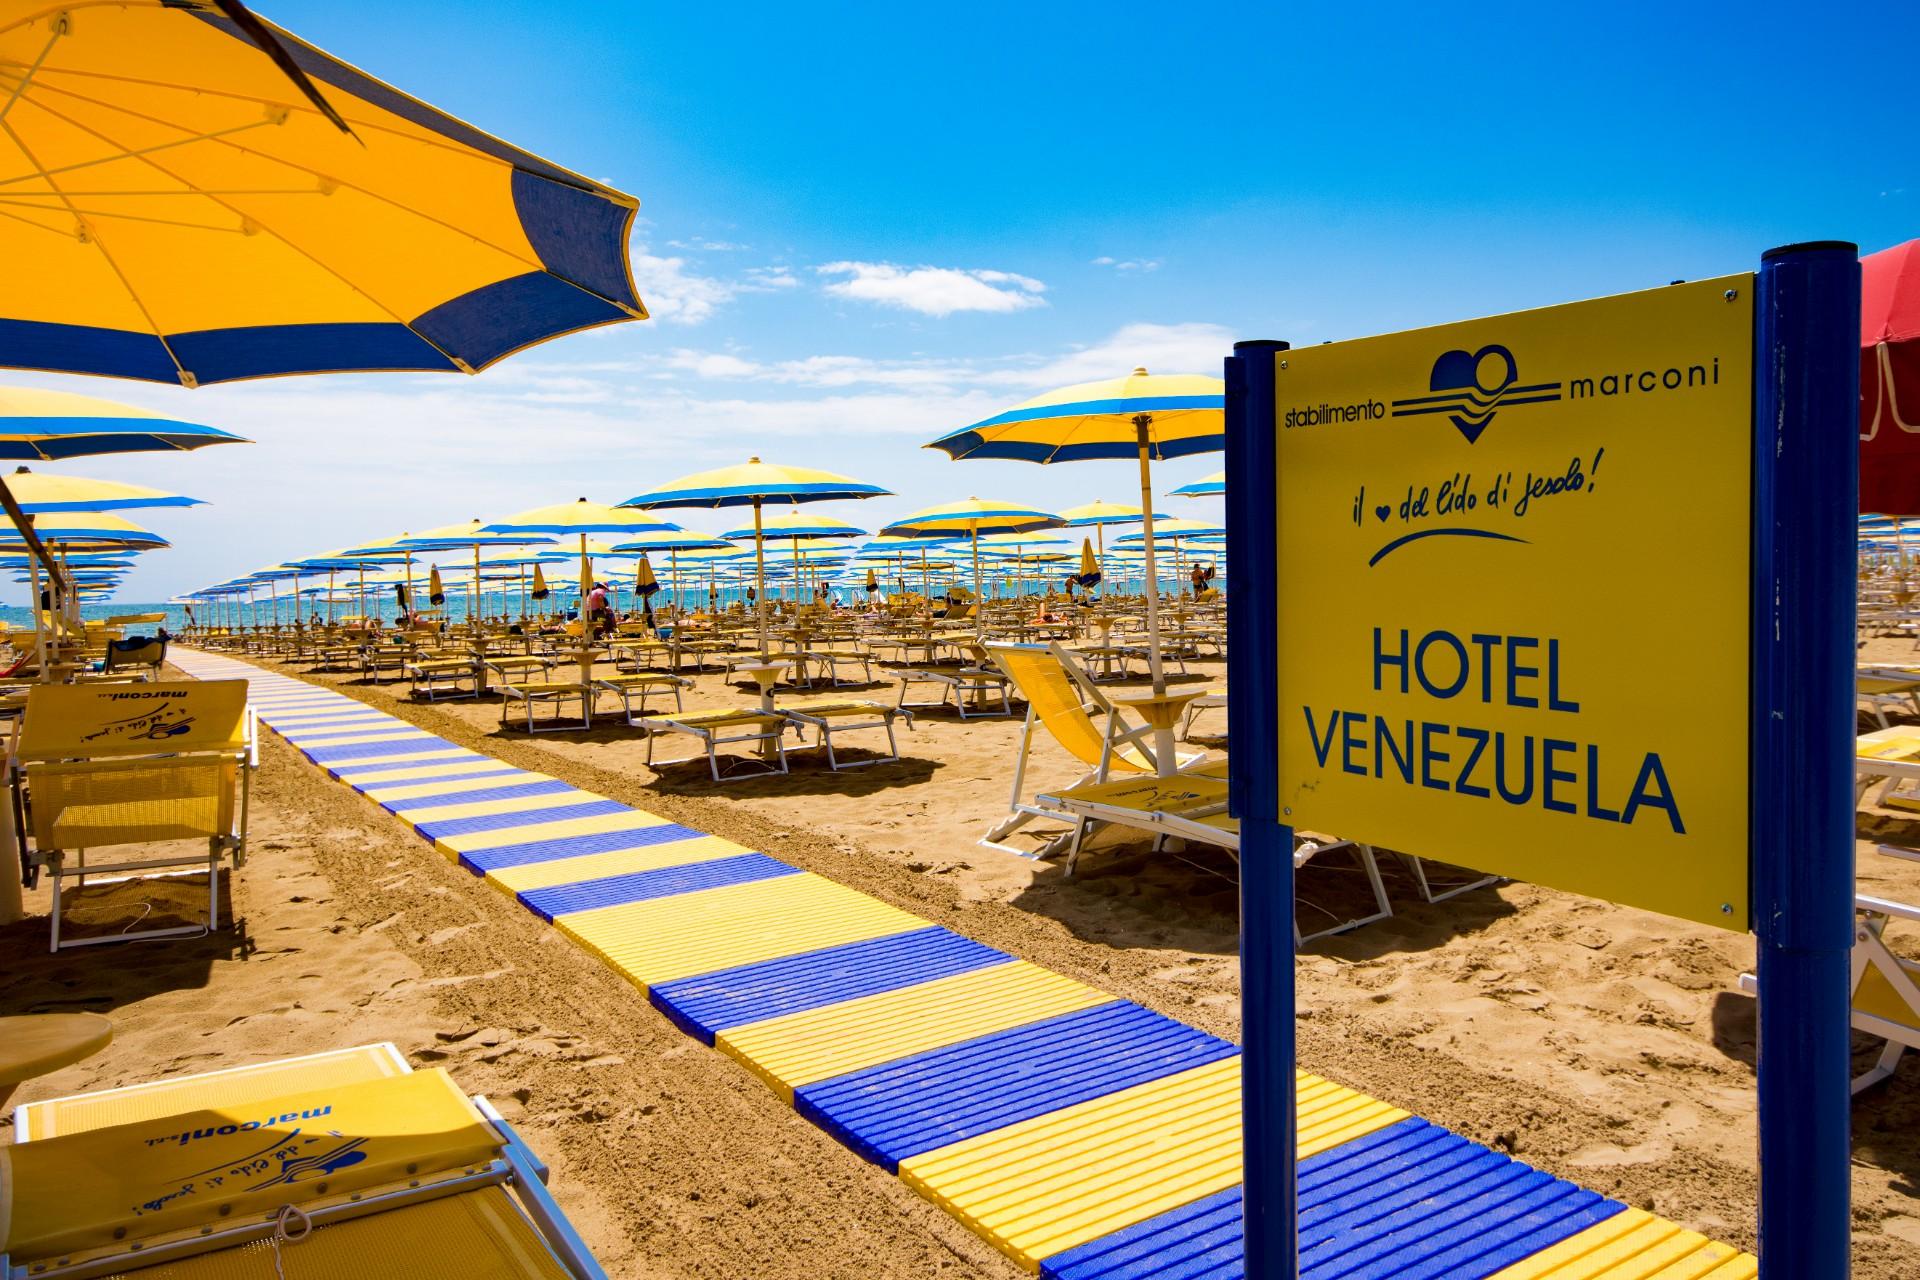 Passerella Spiaggia jesolo Hotel Venezuela